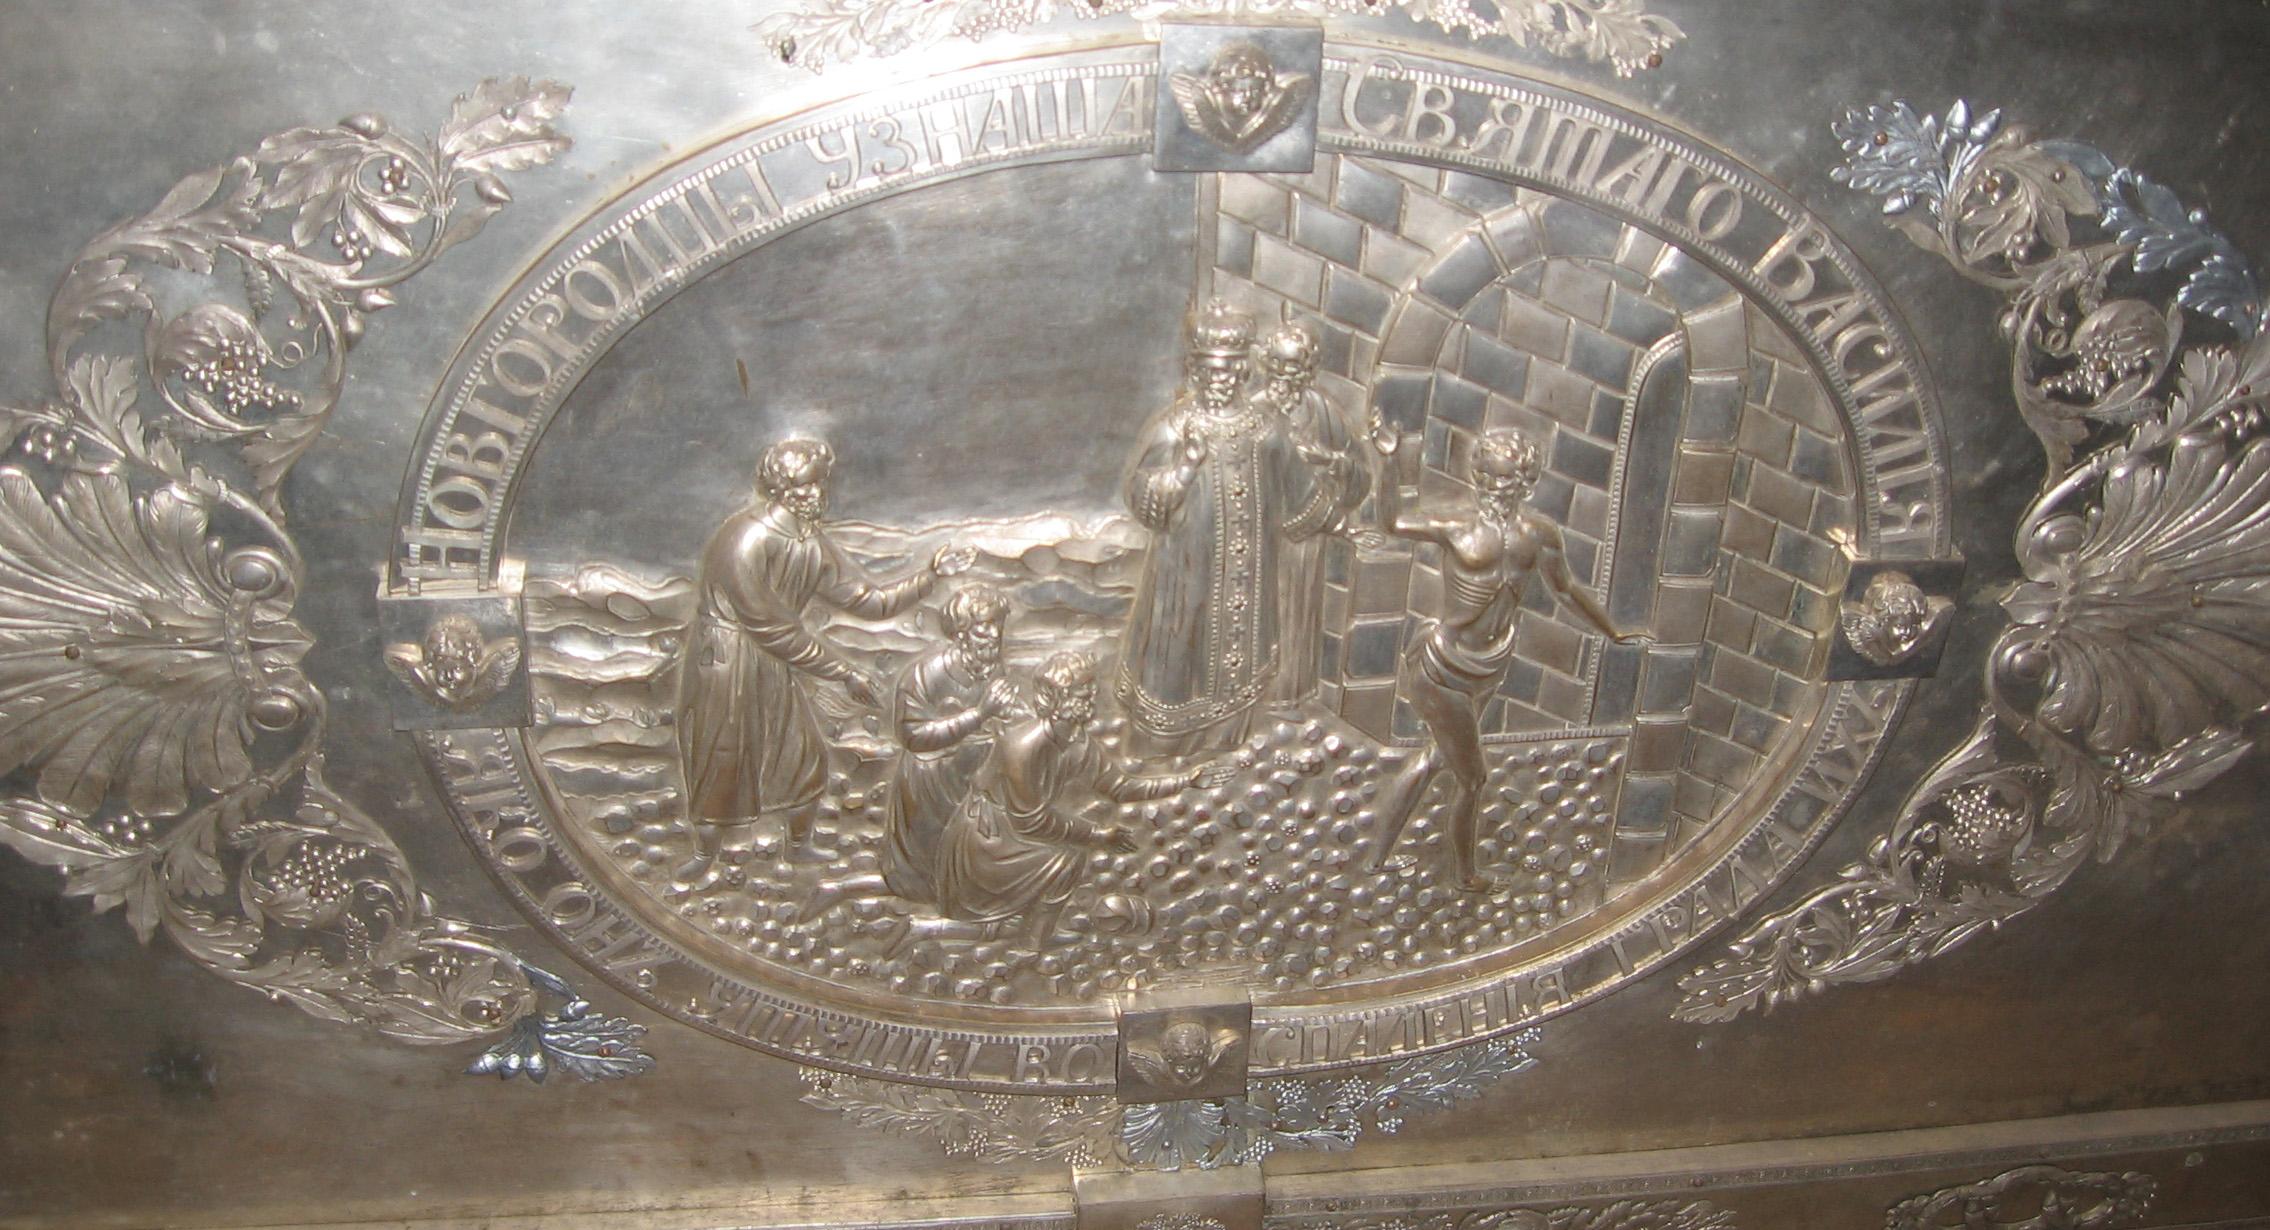 Новгородцы узнали Василия Блаженного, спасшего их город. Изображение на металлической накладке на раке святого Василия Блаженного